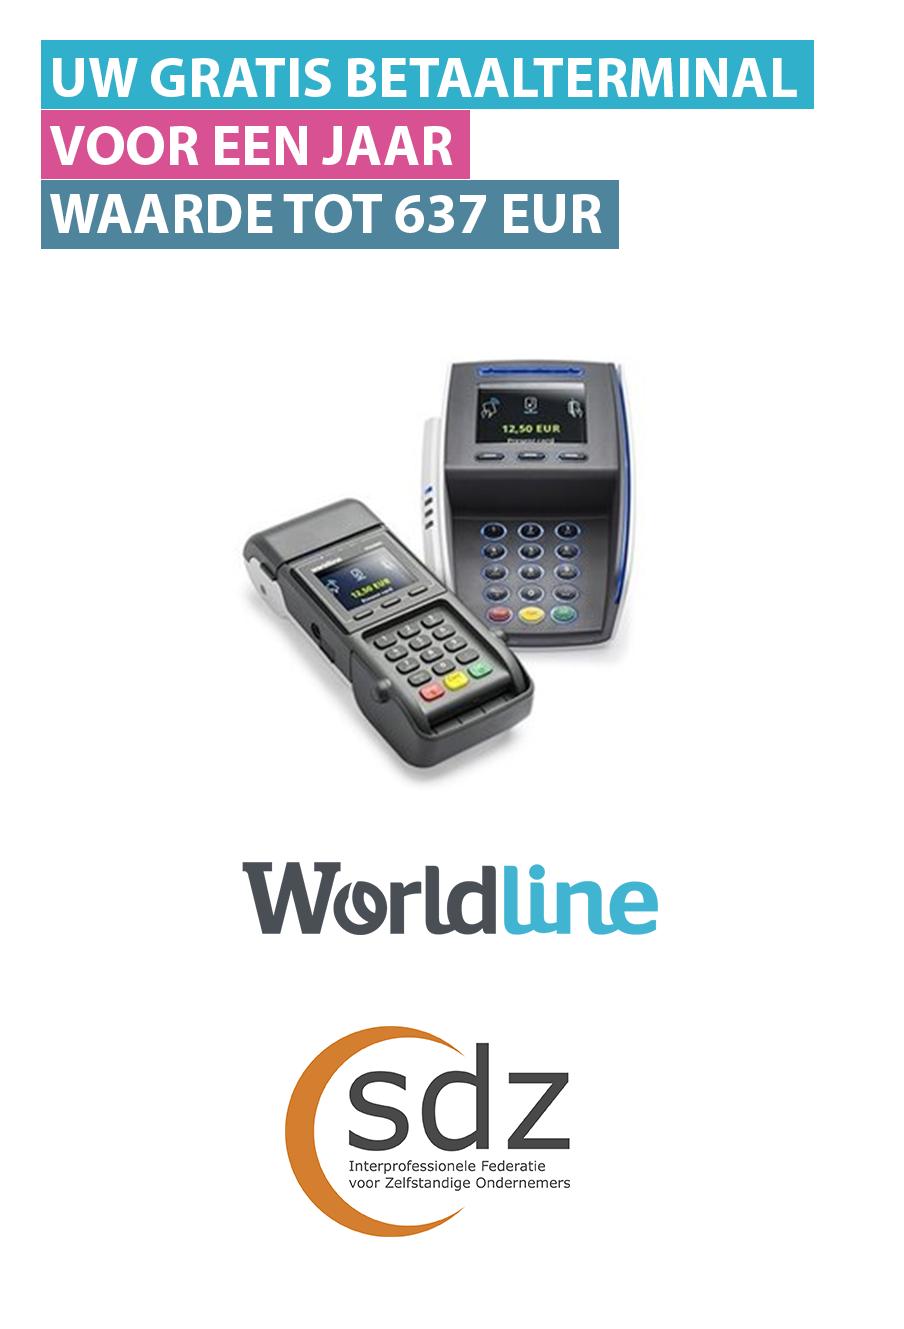 gratis betaalterminal worldline sdz federatie